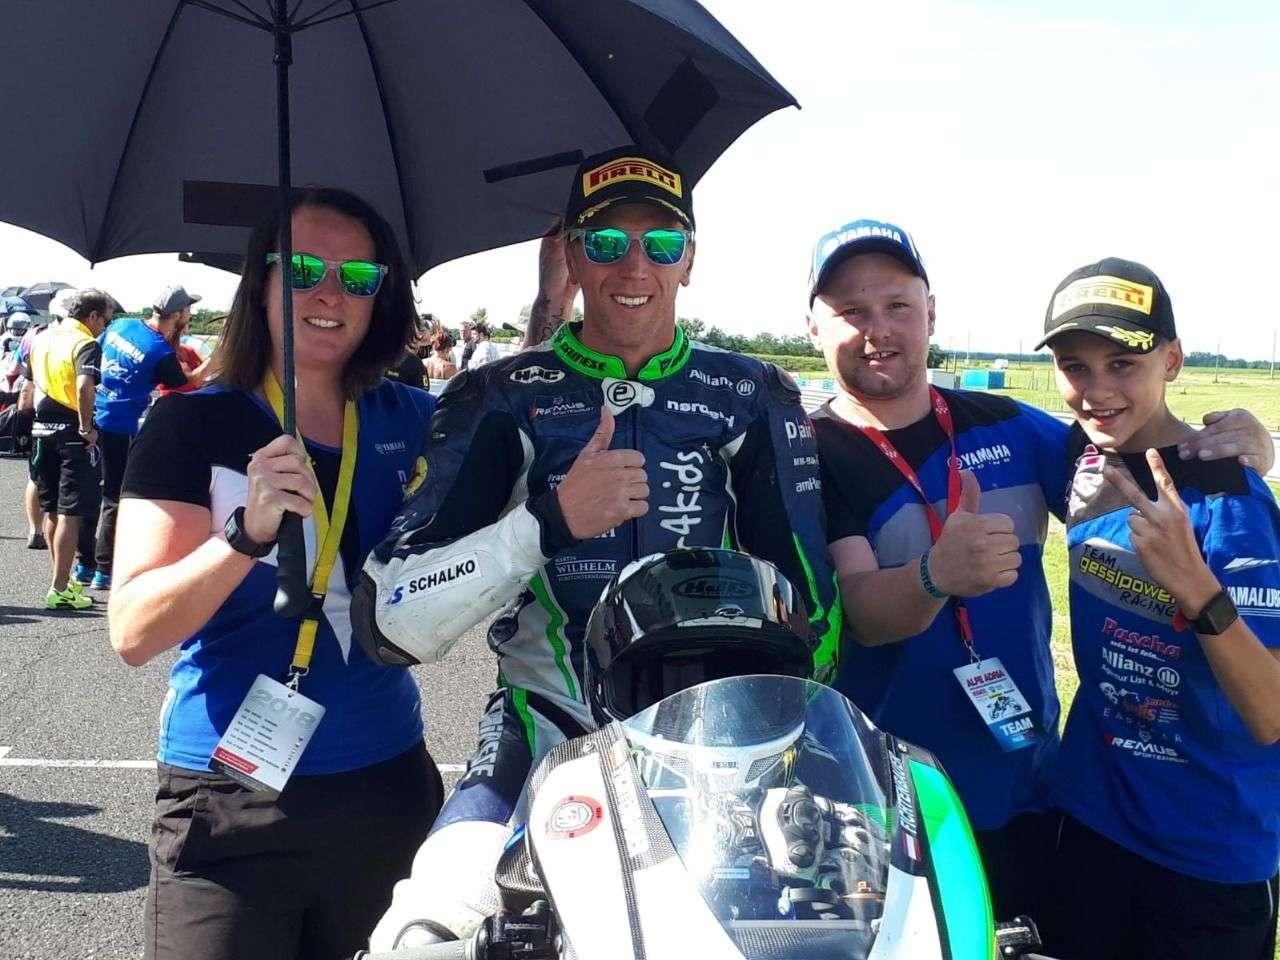 """Mit einem starken Team und einem großen Herz startet der """"Racer4Kids"""" in der dritten Saison in der Superbike-Klasse."""